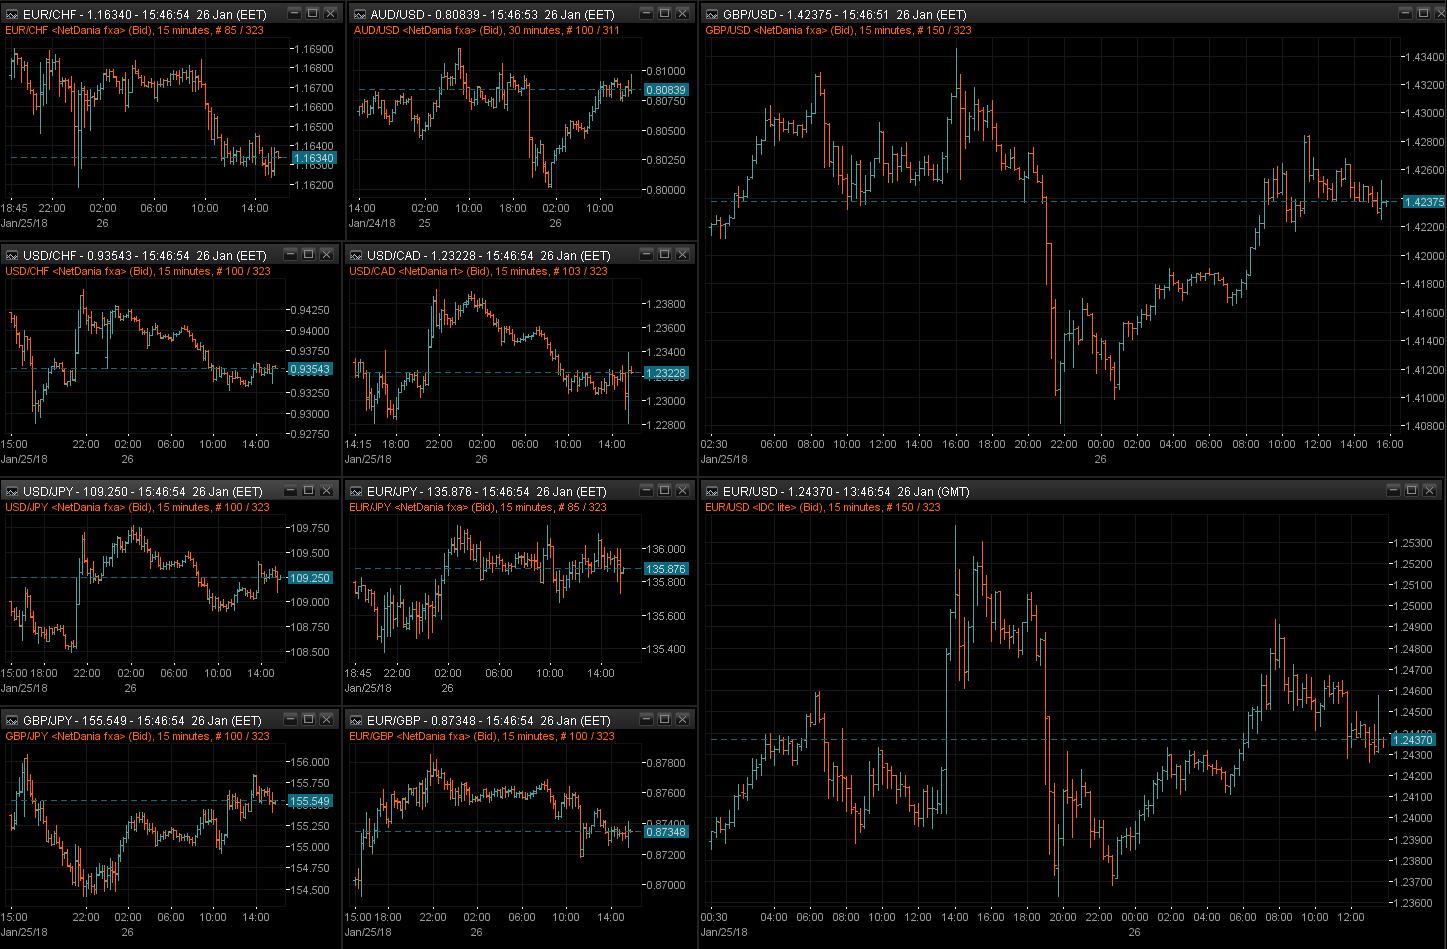 FX pairs 15m chart